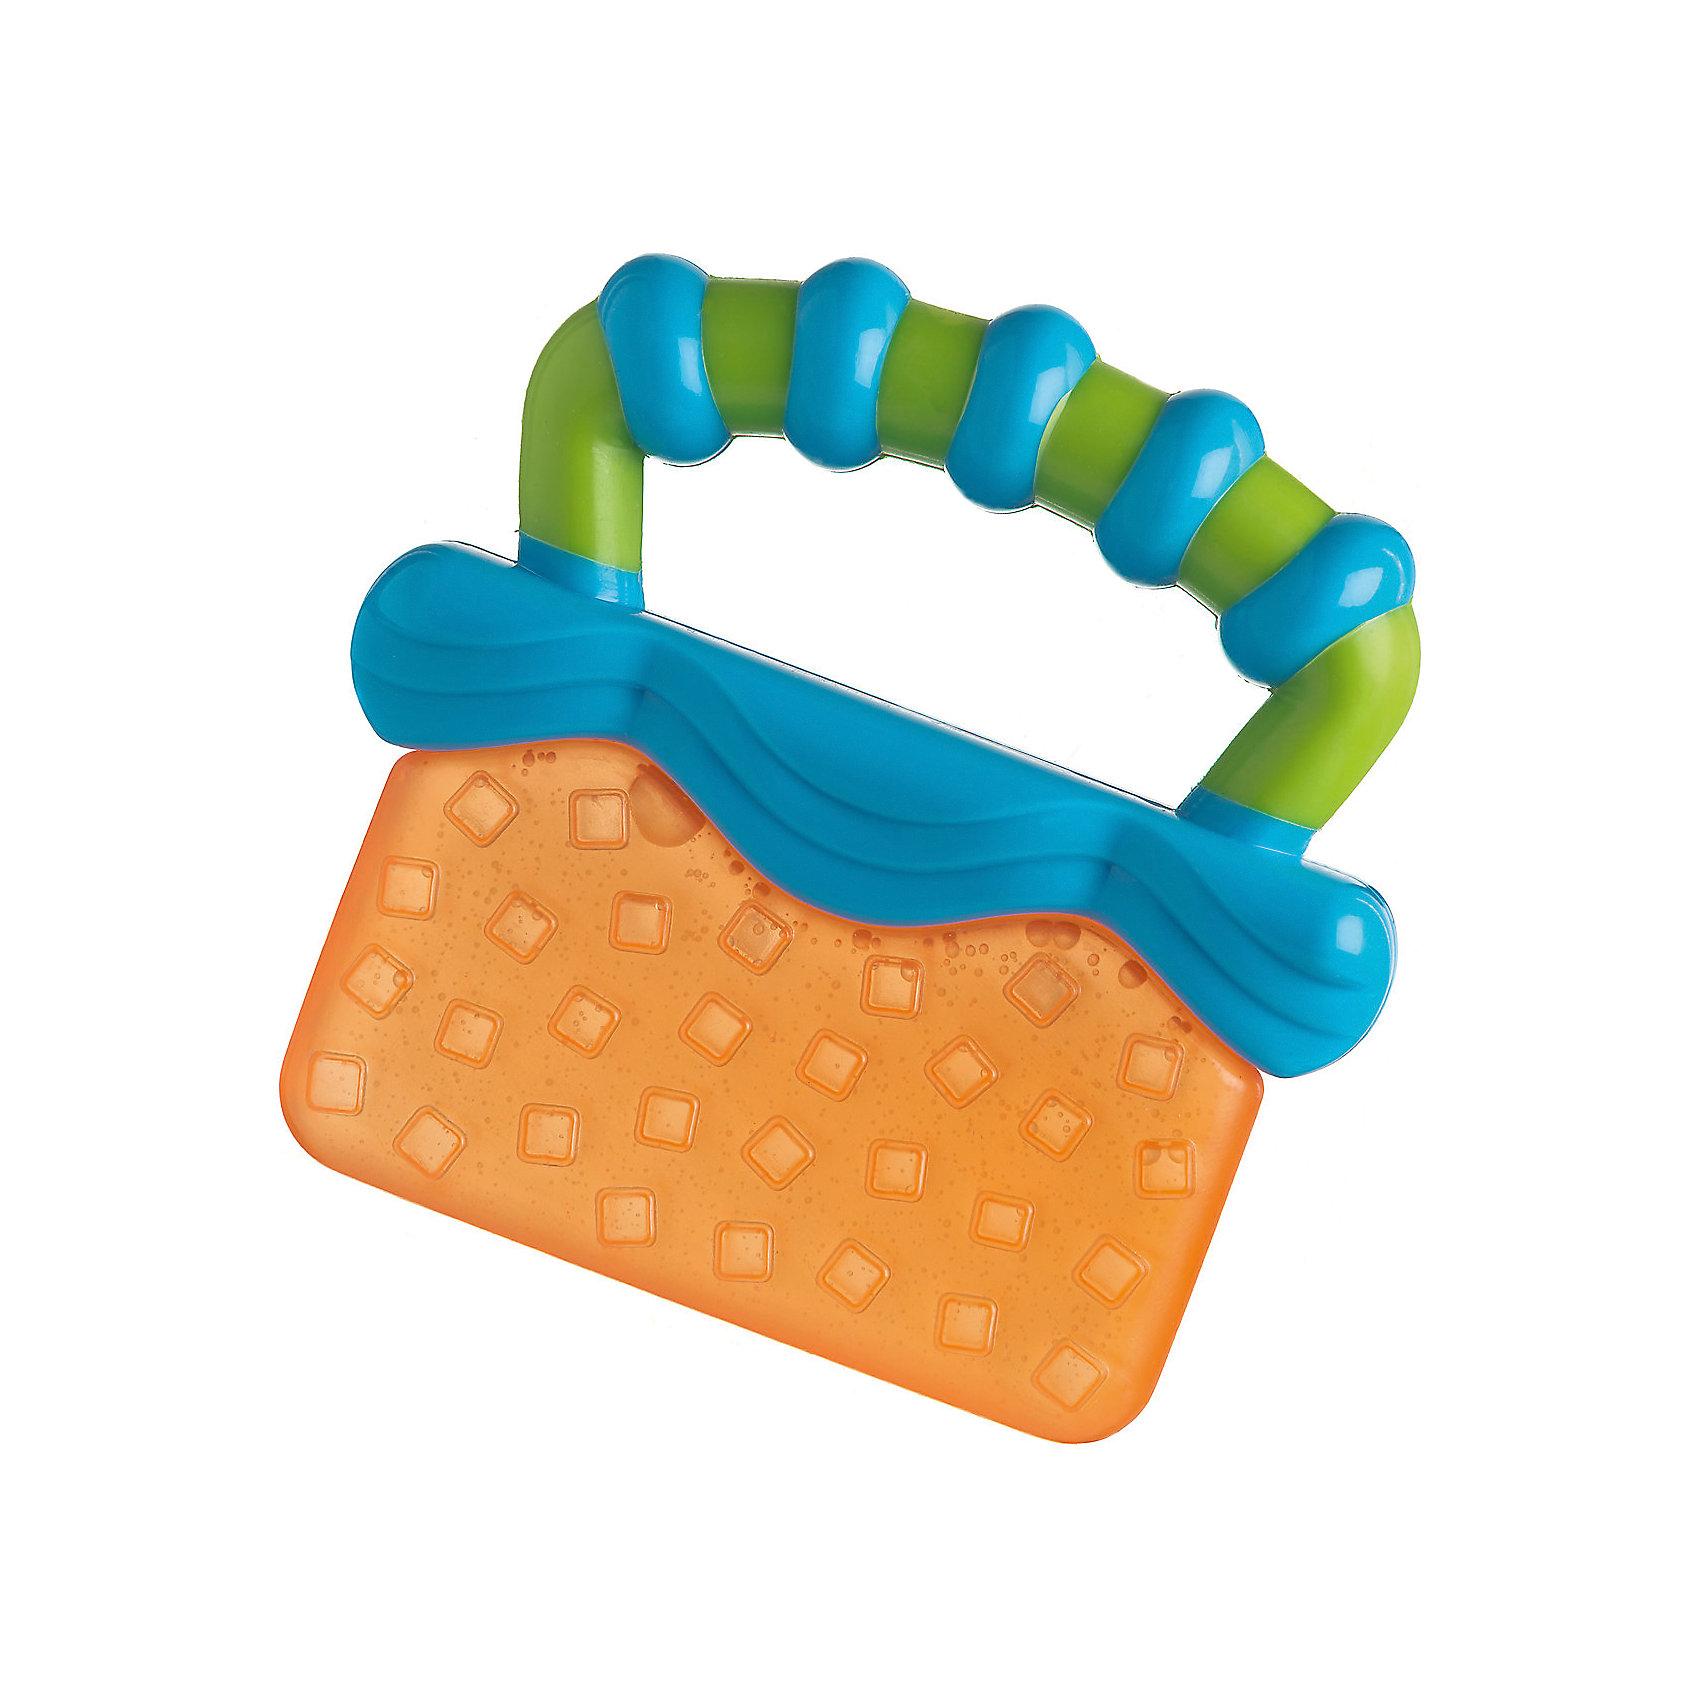 Playgro Игрушка-прорезыватель, Playgro, оранжево-синяя